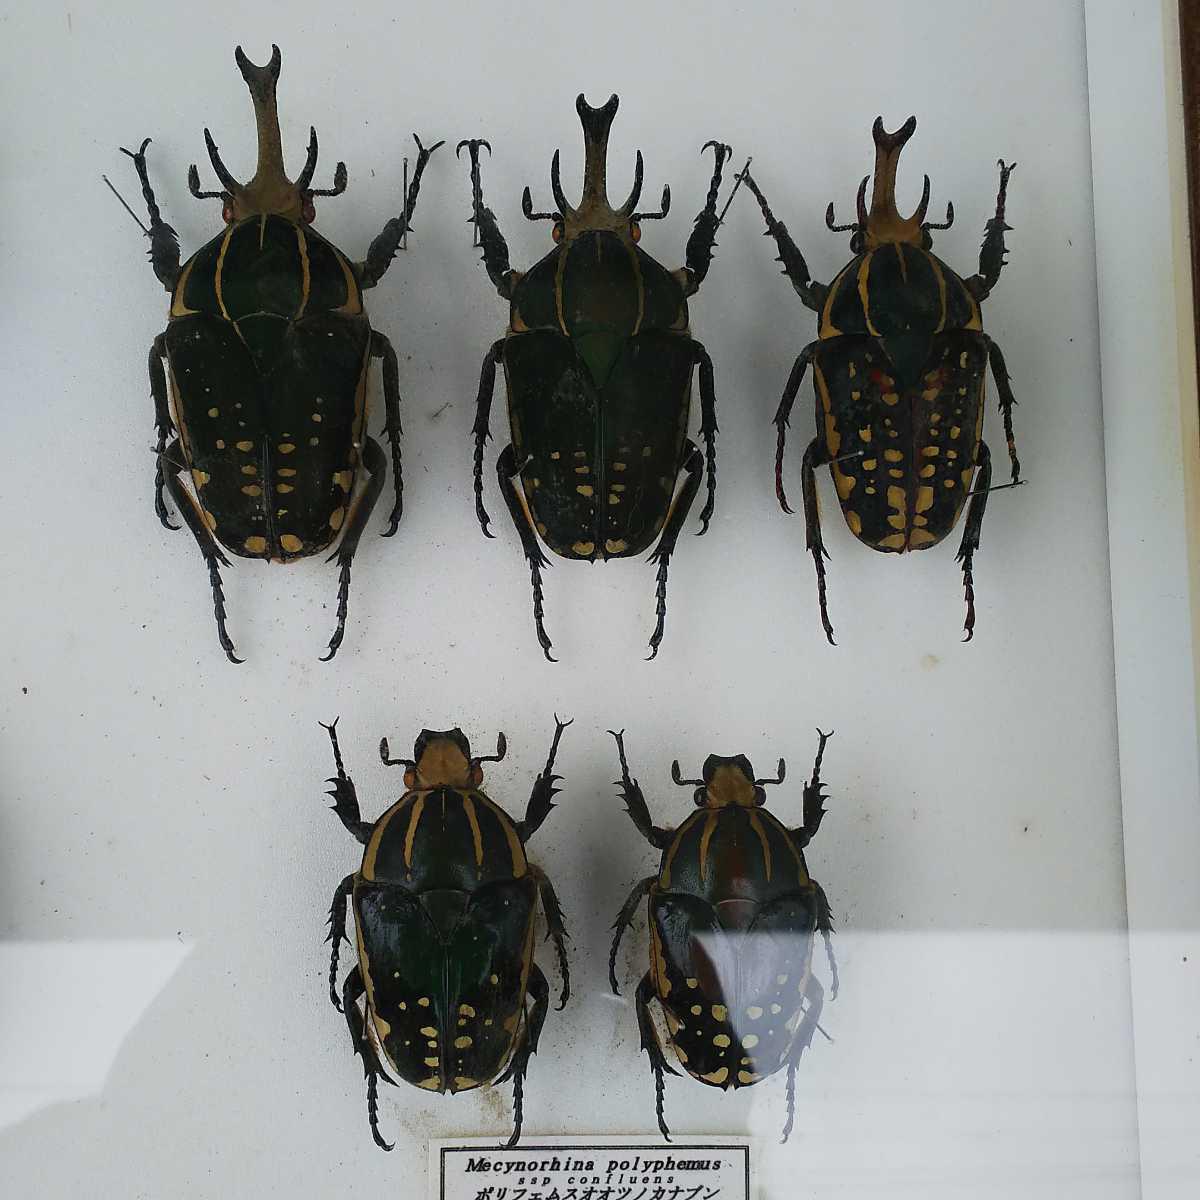 値段交渉OK 昆虫標本 カナブン No2 35頭 ドイツ箱_画像5